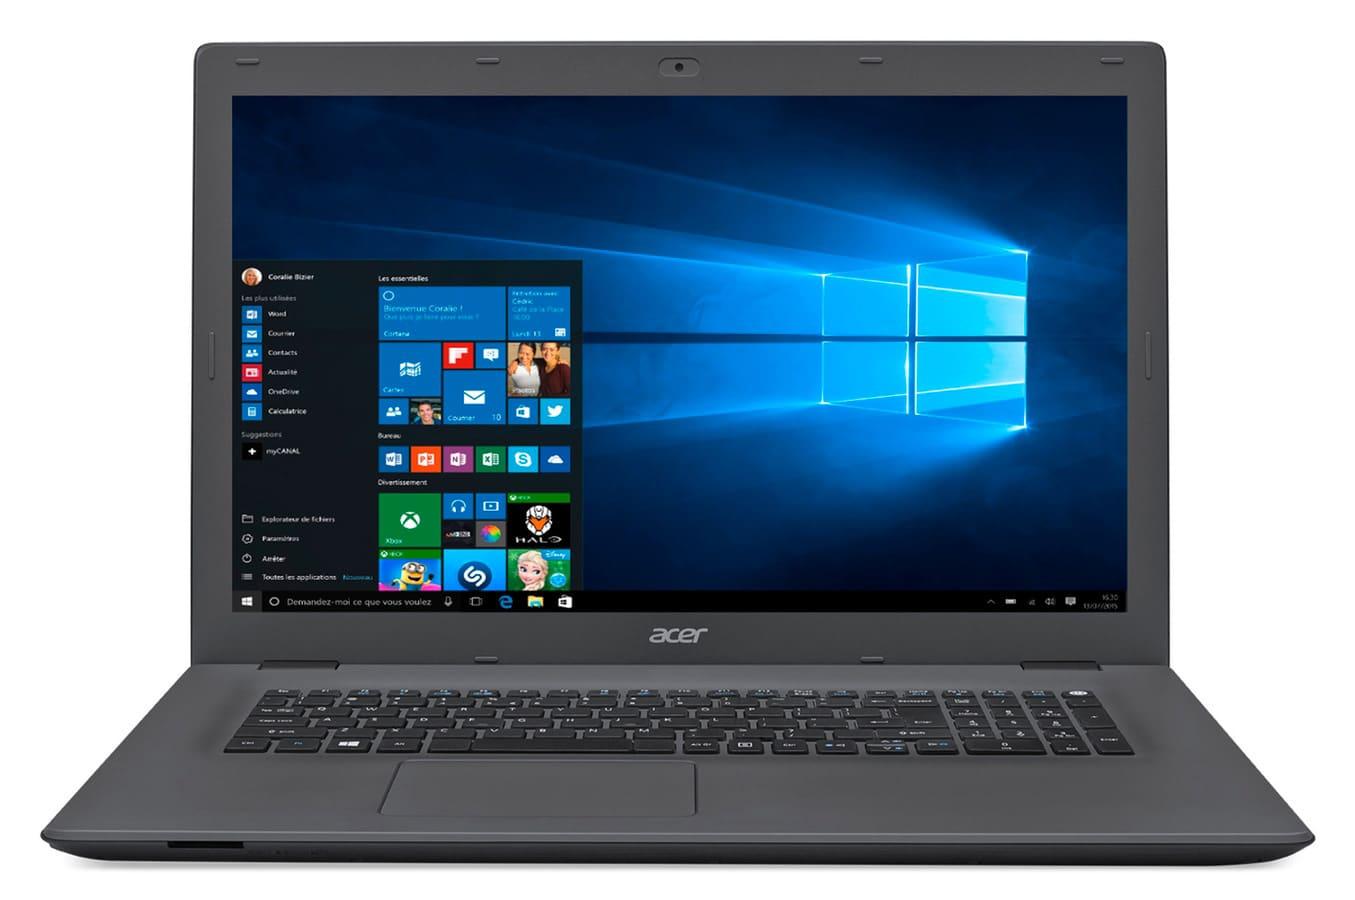 Acer Aspire E5-772-3486 à 449€, PC portable 17 pouces Core i3 noir